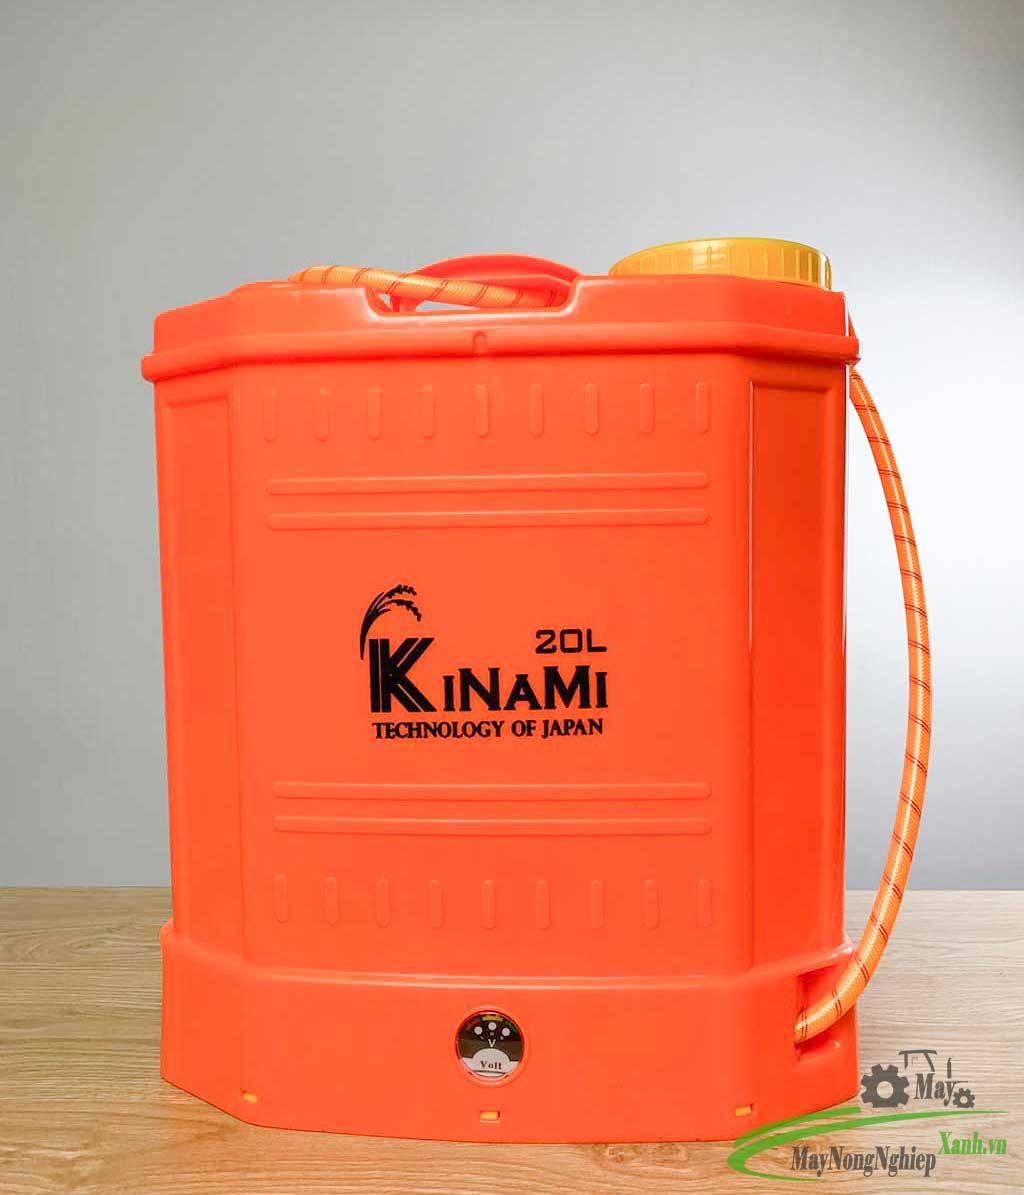 binh xit dien phun thuoc sau kinami pin lithium 20 lit 11 - Bình xịt điện phun thuốc sâu Kinami Pin Lithium 20 Lít